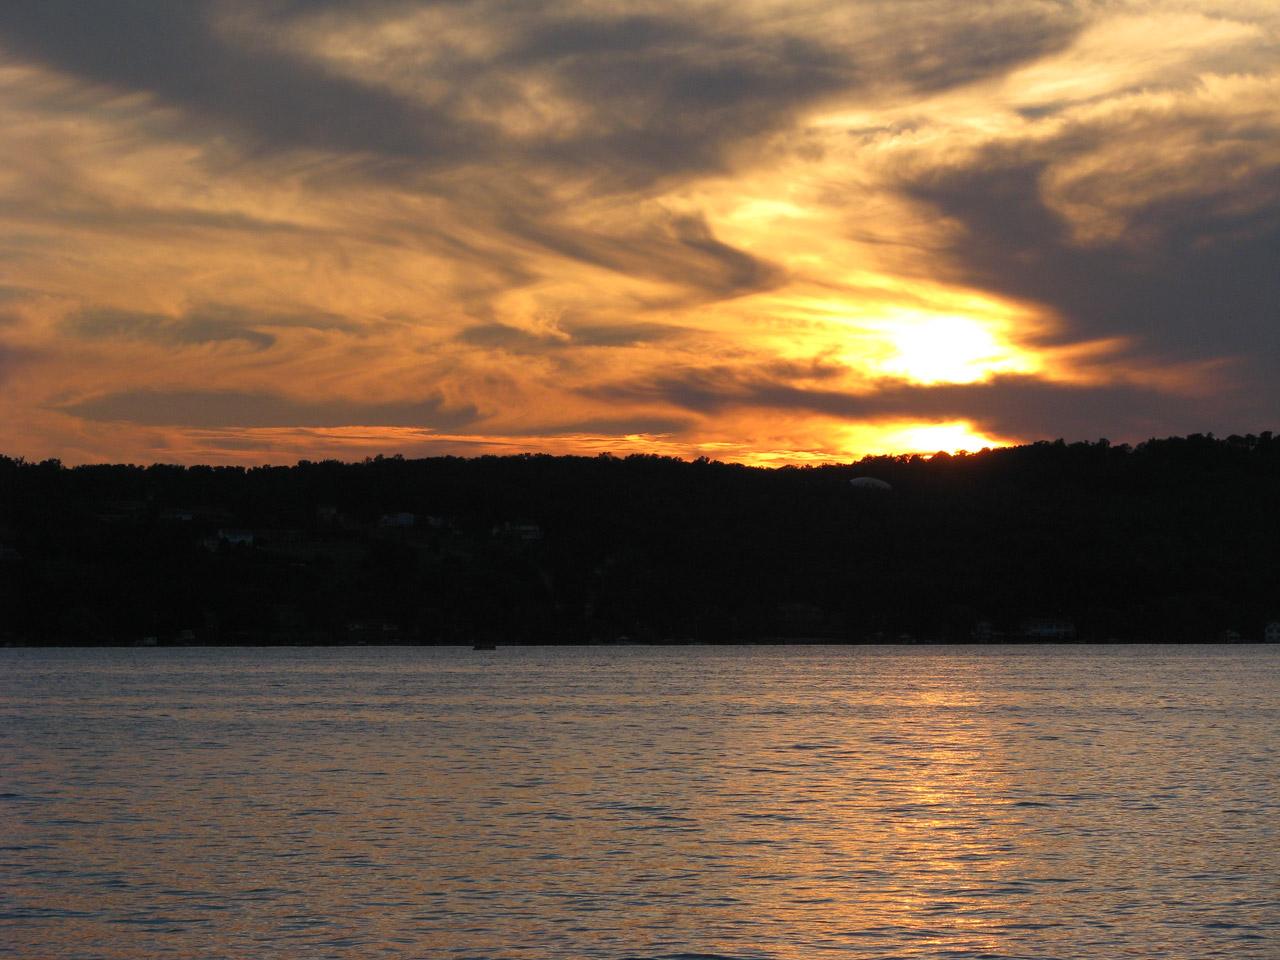 Great Lakes Basin Fish Habitat Partnership